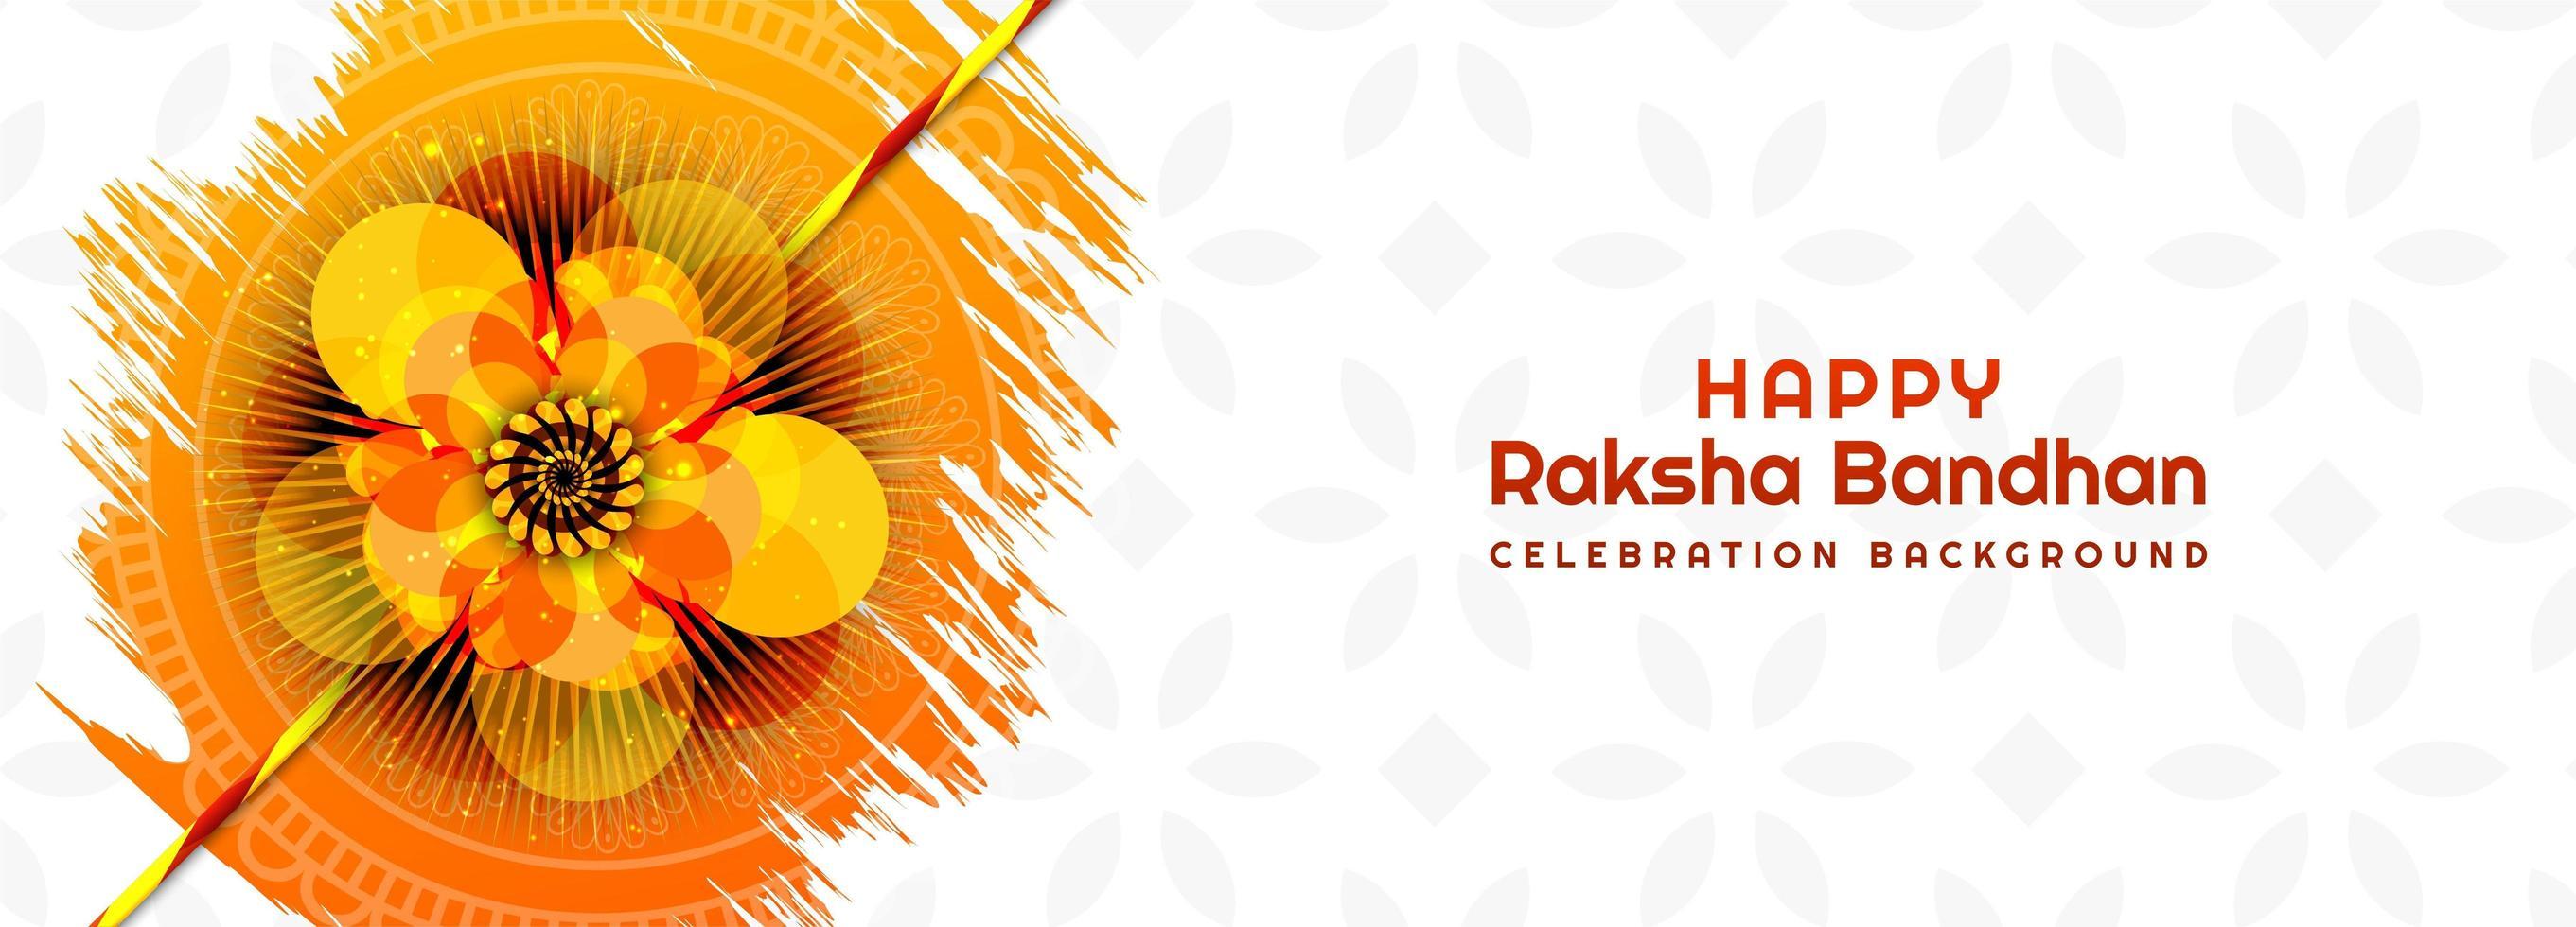 indù raksha bandhan sul disegno della vernice del fiore arancione vettore